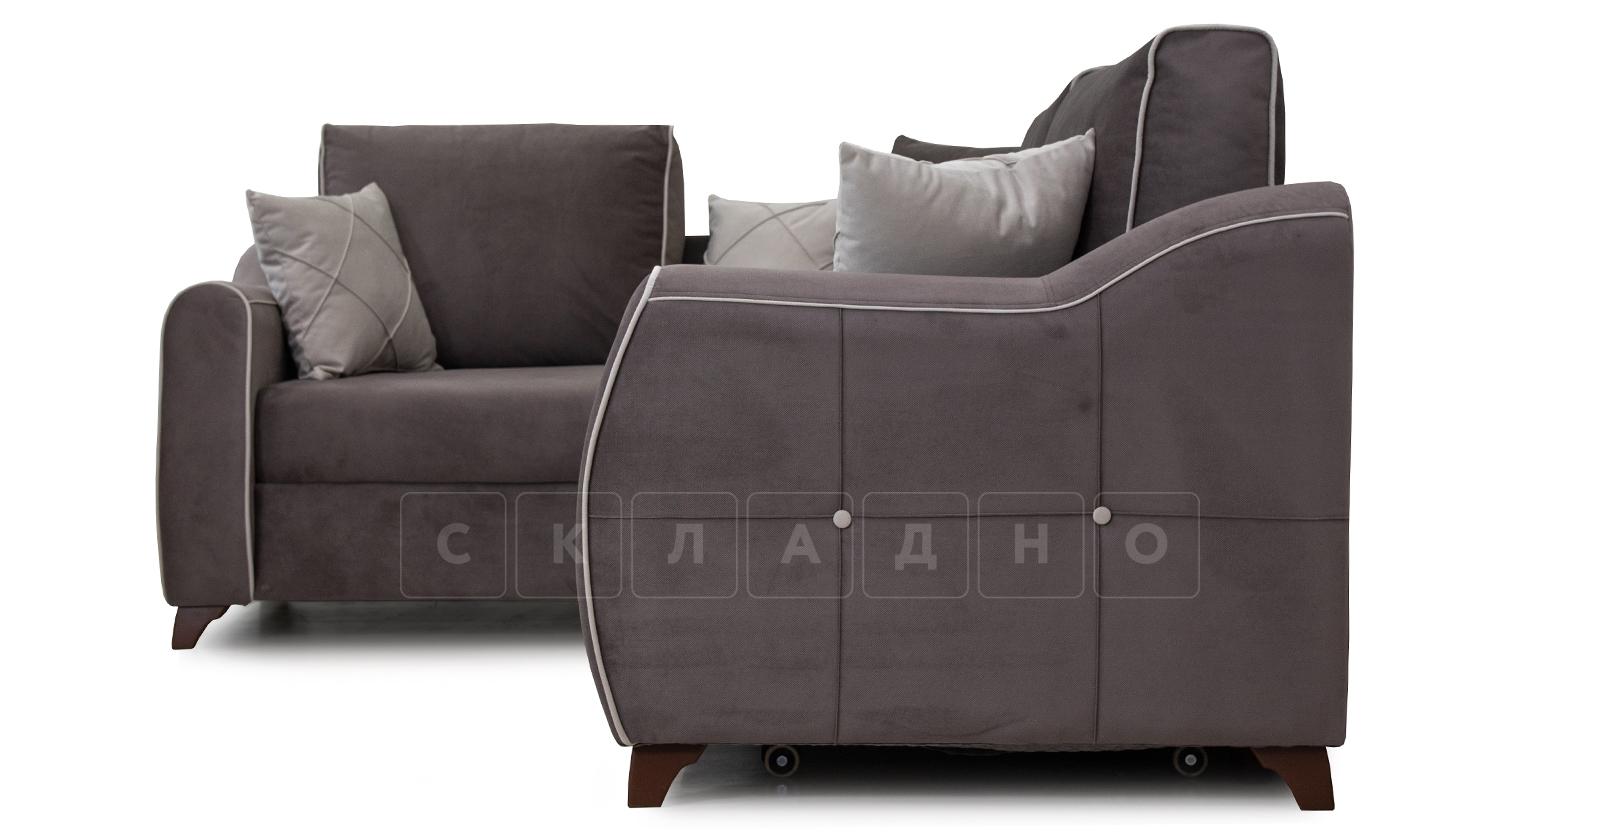 Диван-кровать угловой Флэтфорд шоколад фото 3 | интернет-магазин Складно